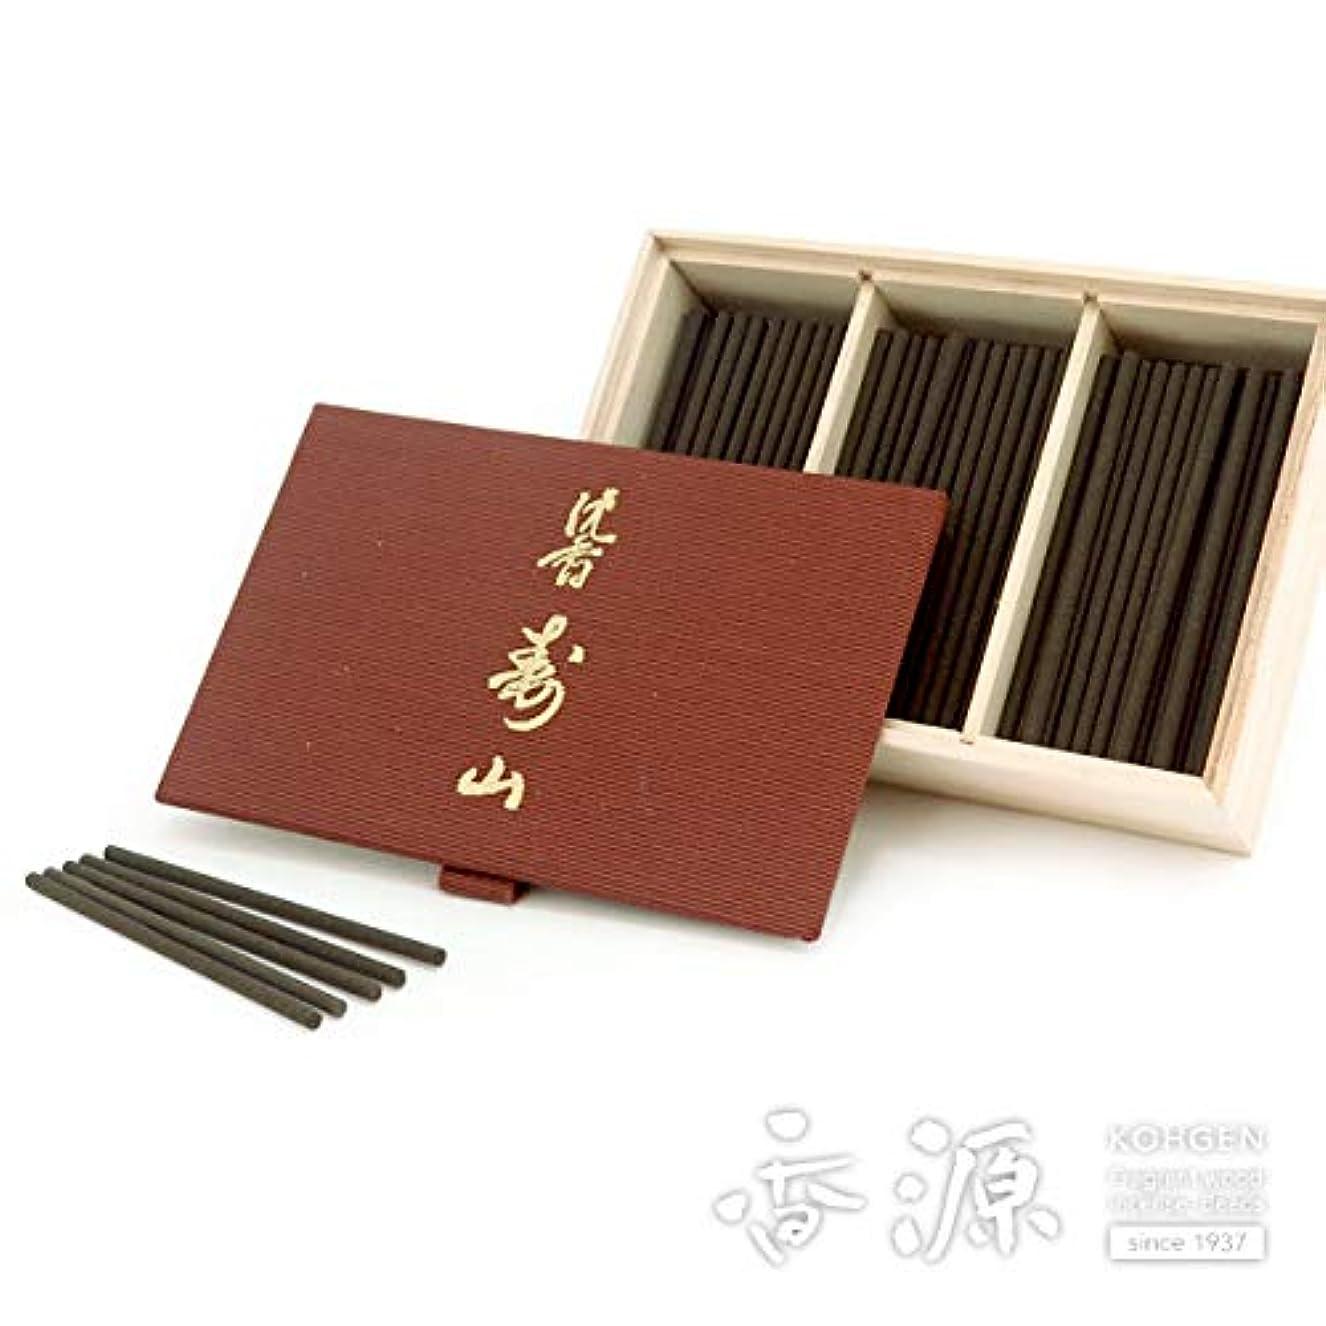 受信打倒相互日本香堂のお香 沈香寿山 スティックミニ寸 お徳用150本入